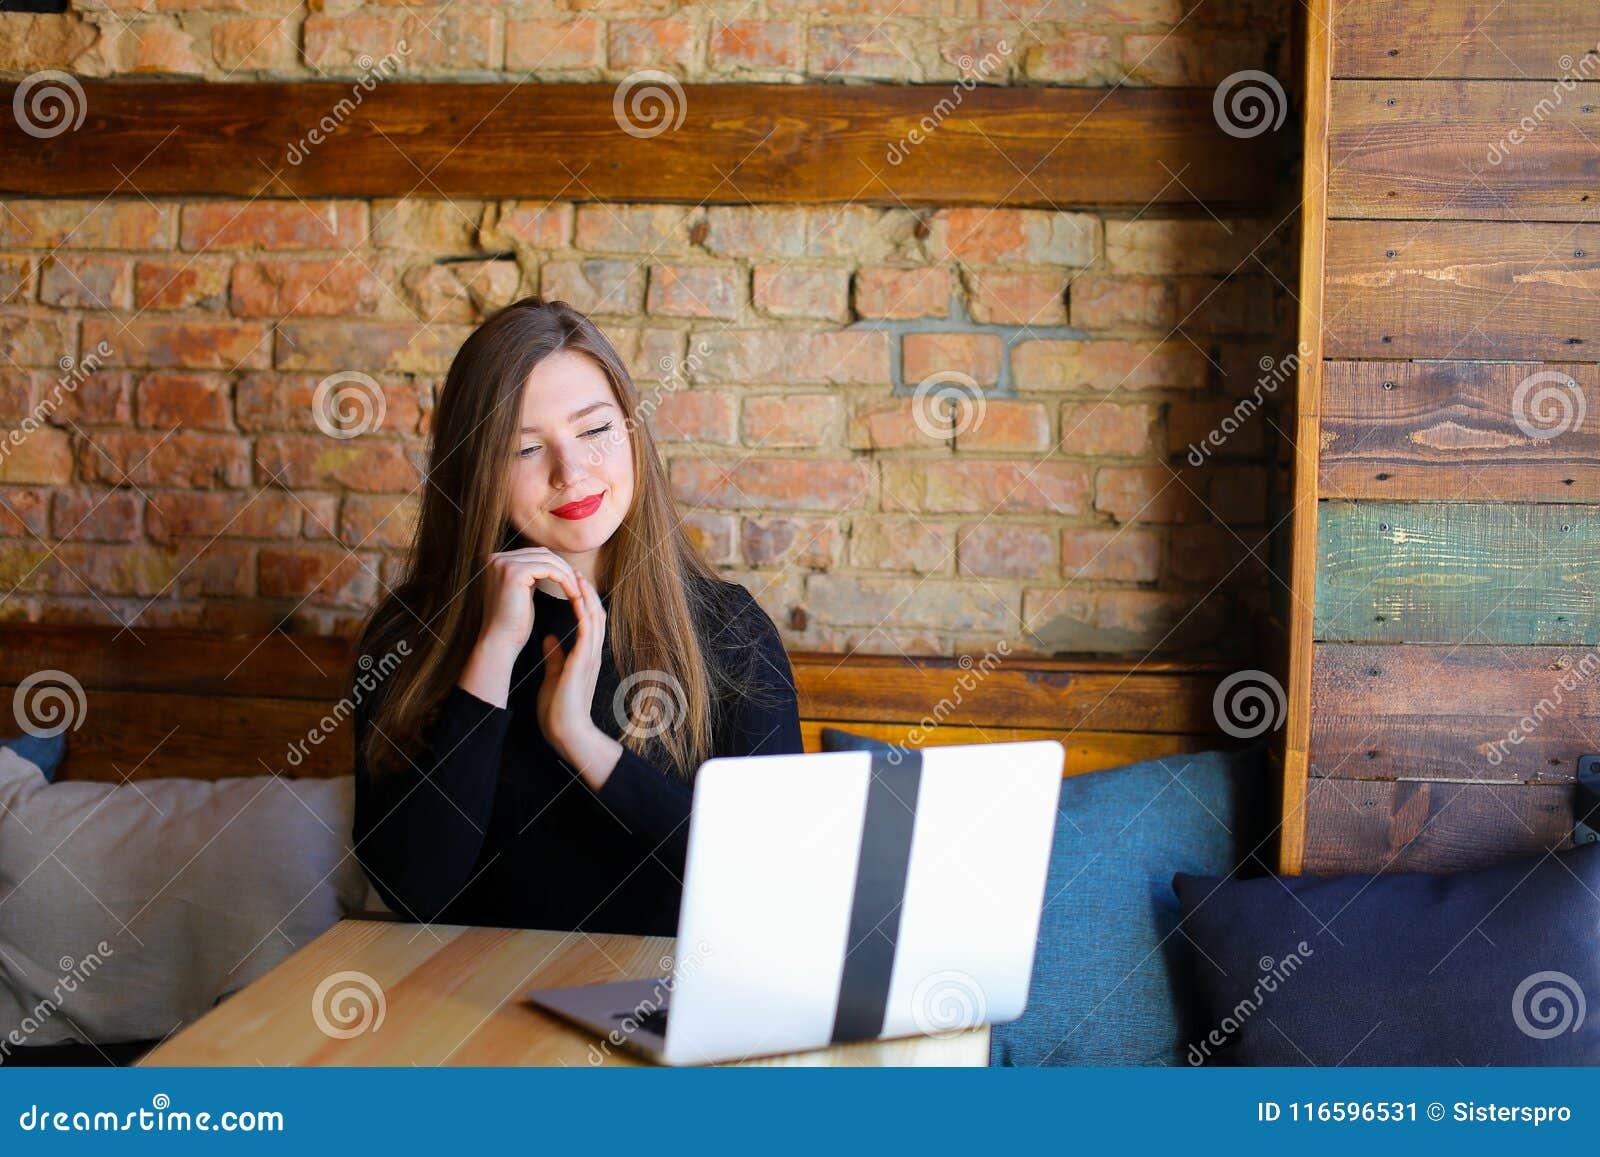 cutie dating website